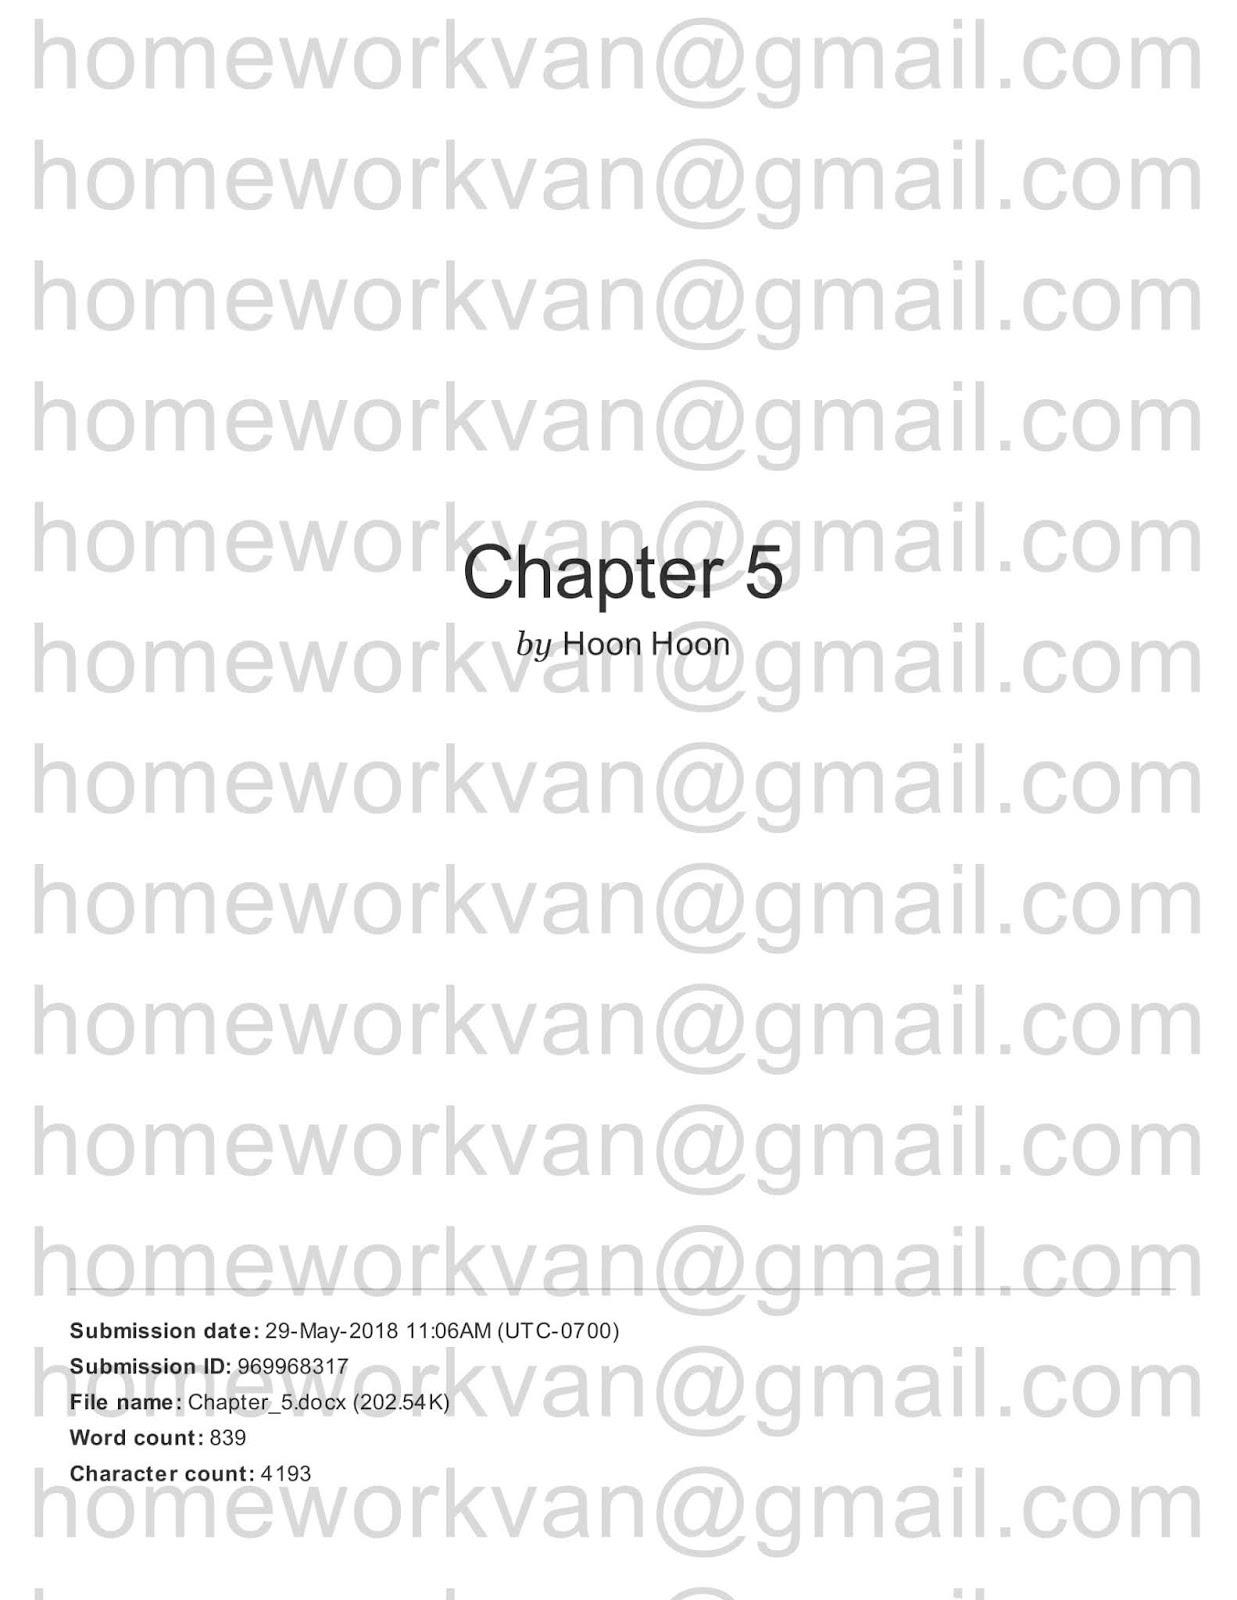 Esl argumentative essay proofreading service